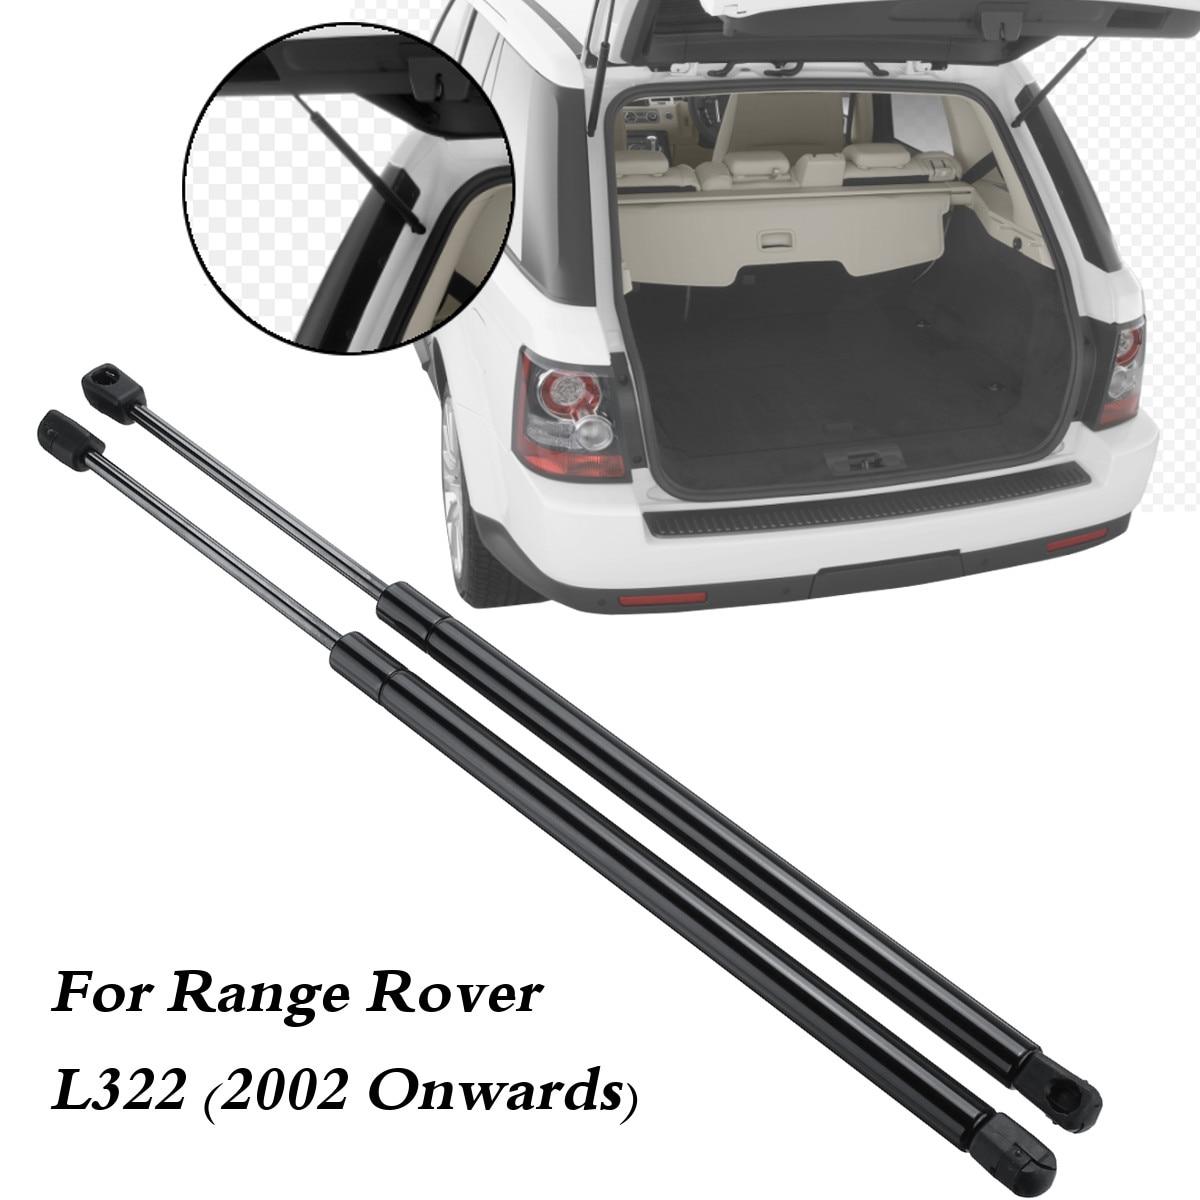 Range Rover Vogue Brazo De Limpiaparabrisas Trasero Motor Engranaje De Reparación